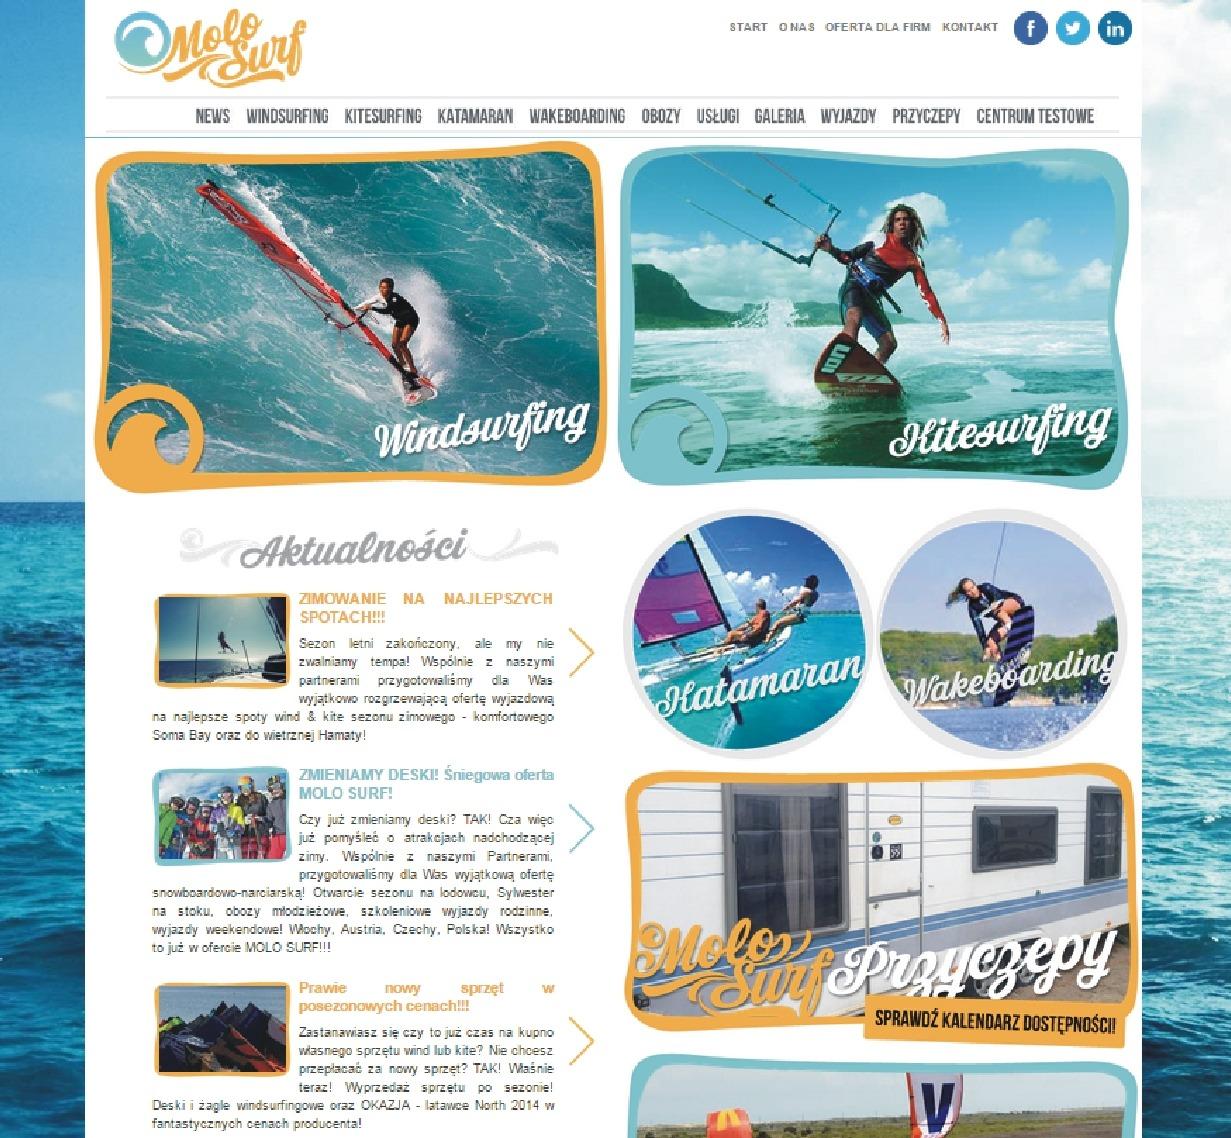 Półwysep Jurata Chałupy Szkoła Windsurfing Kitesurfing